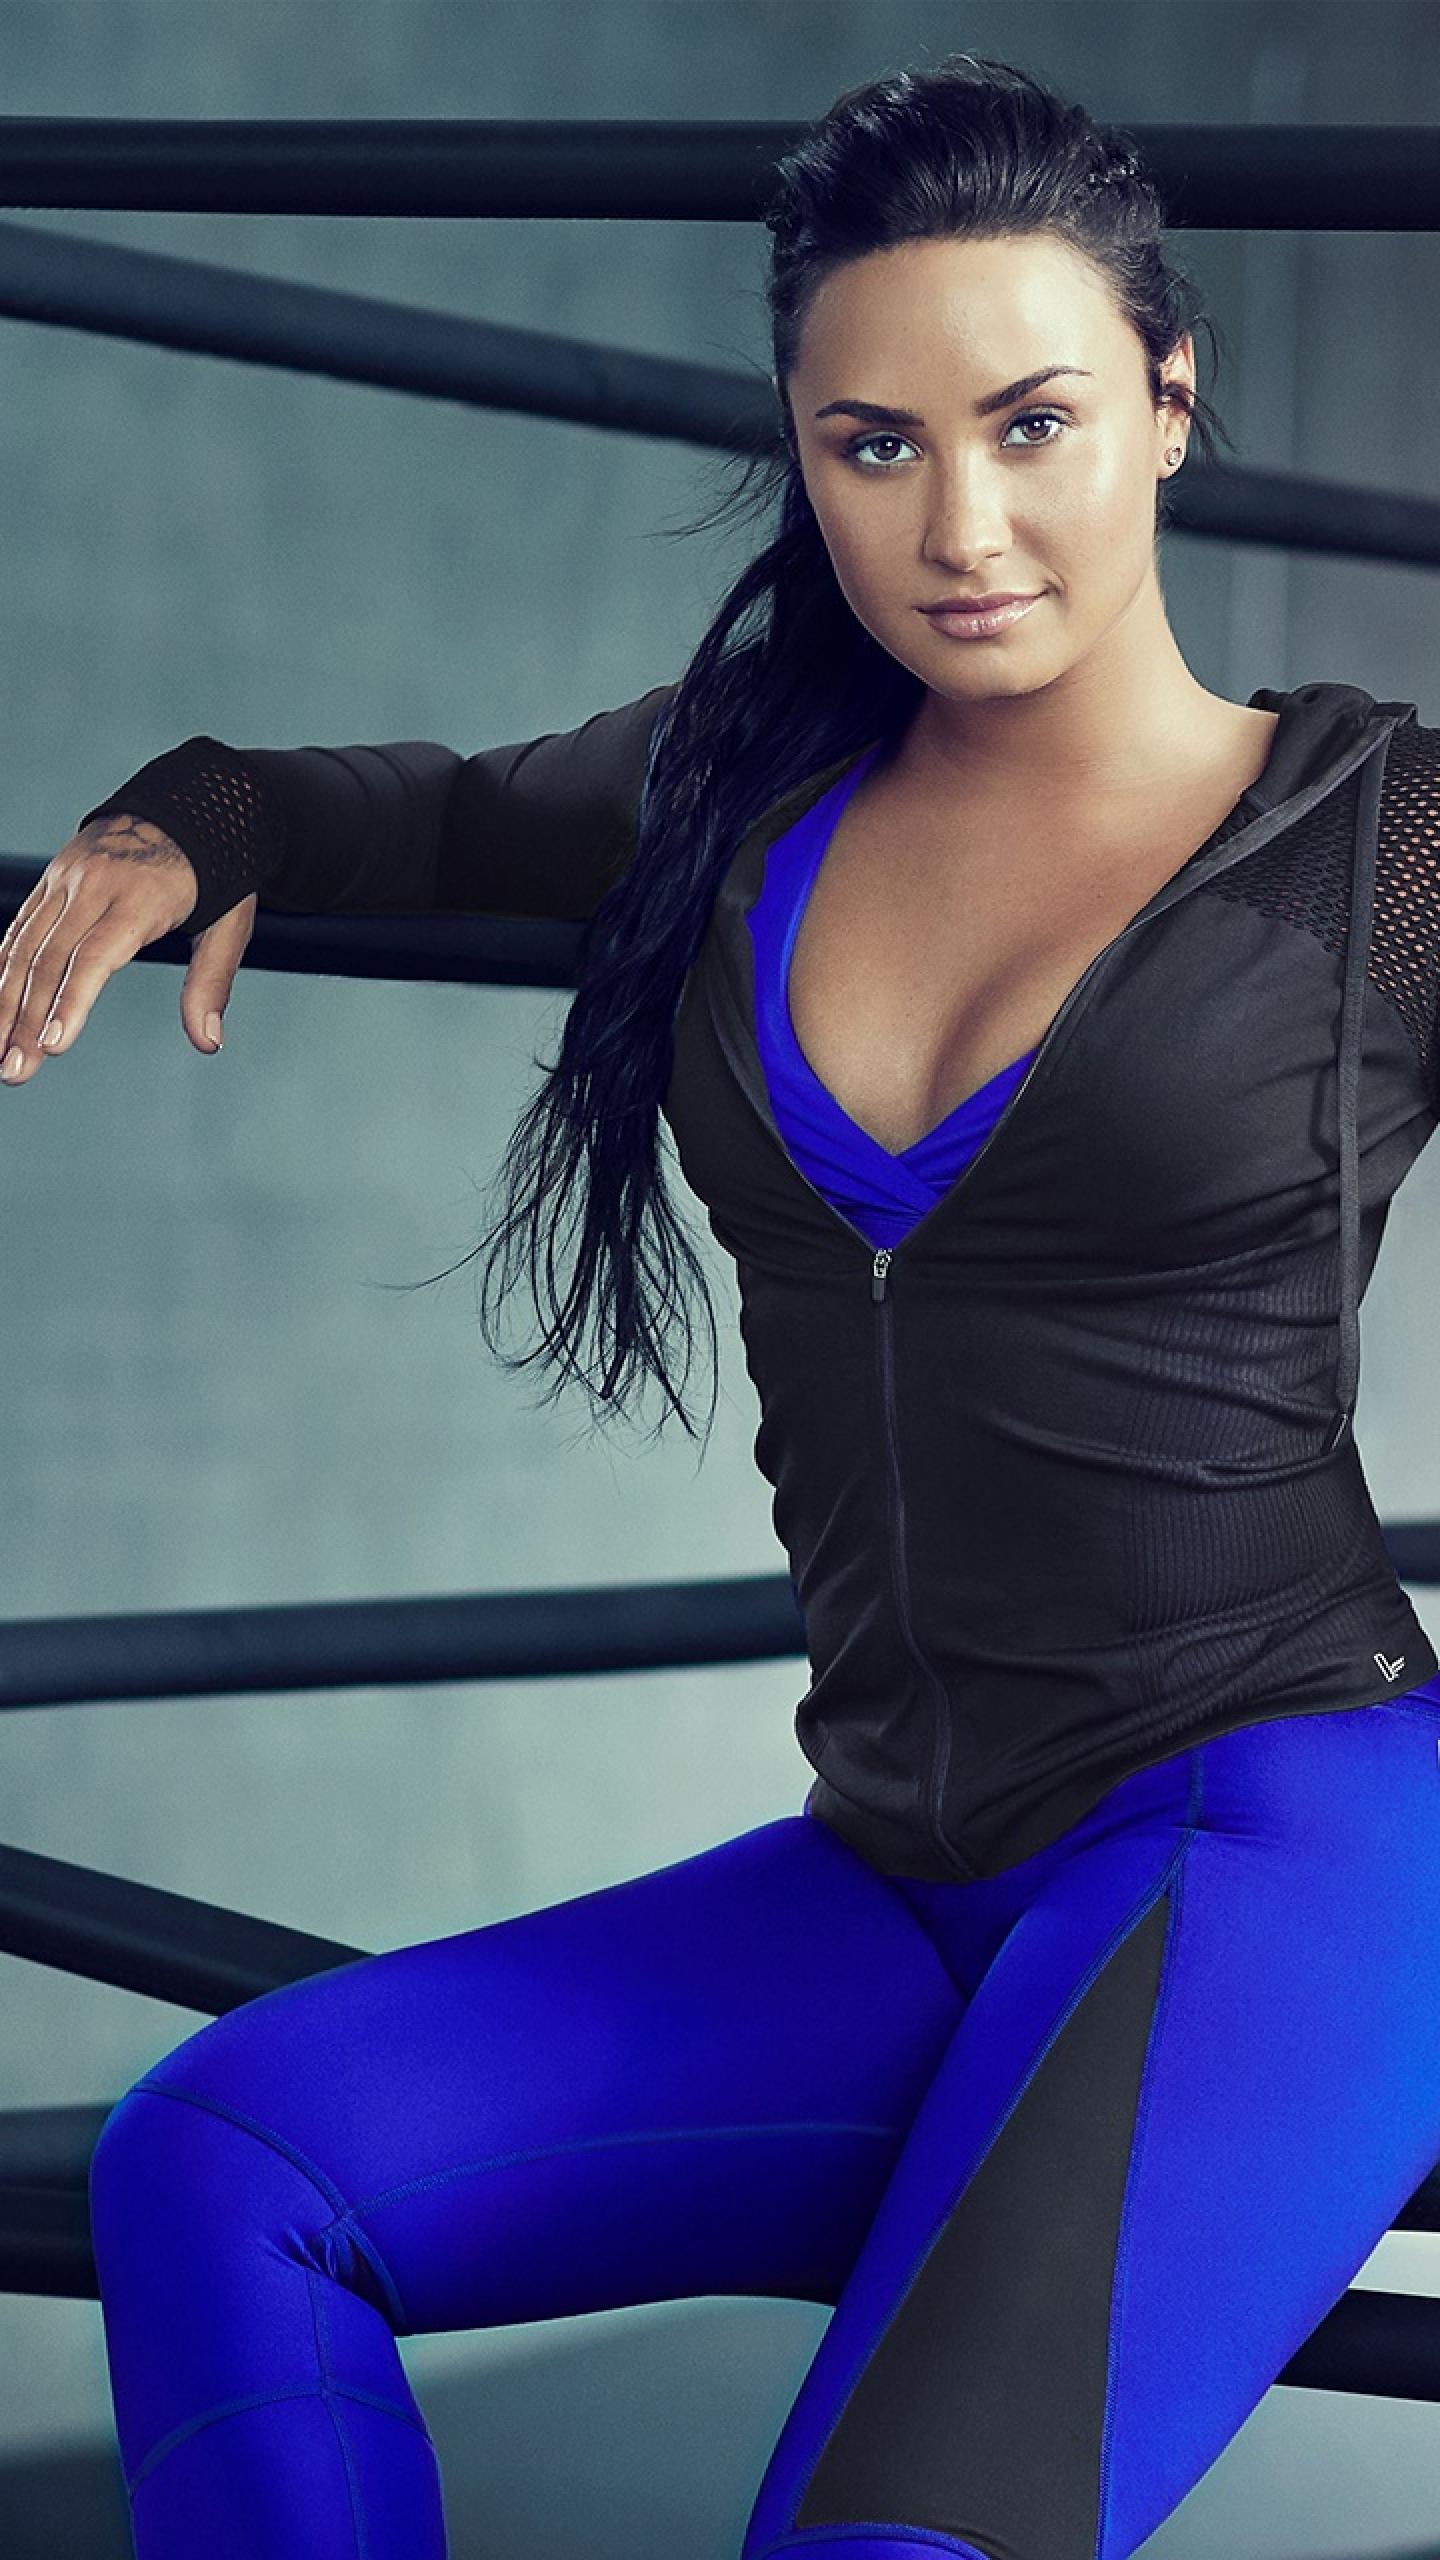 Demi Lovato Singer Fitness Photoshoot Full Hd 2k Wallpaper